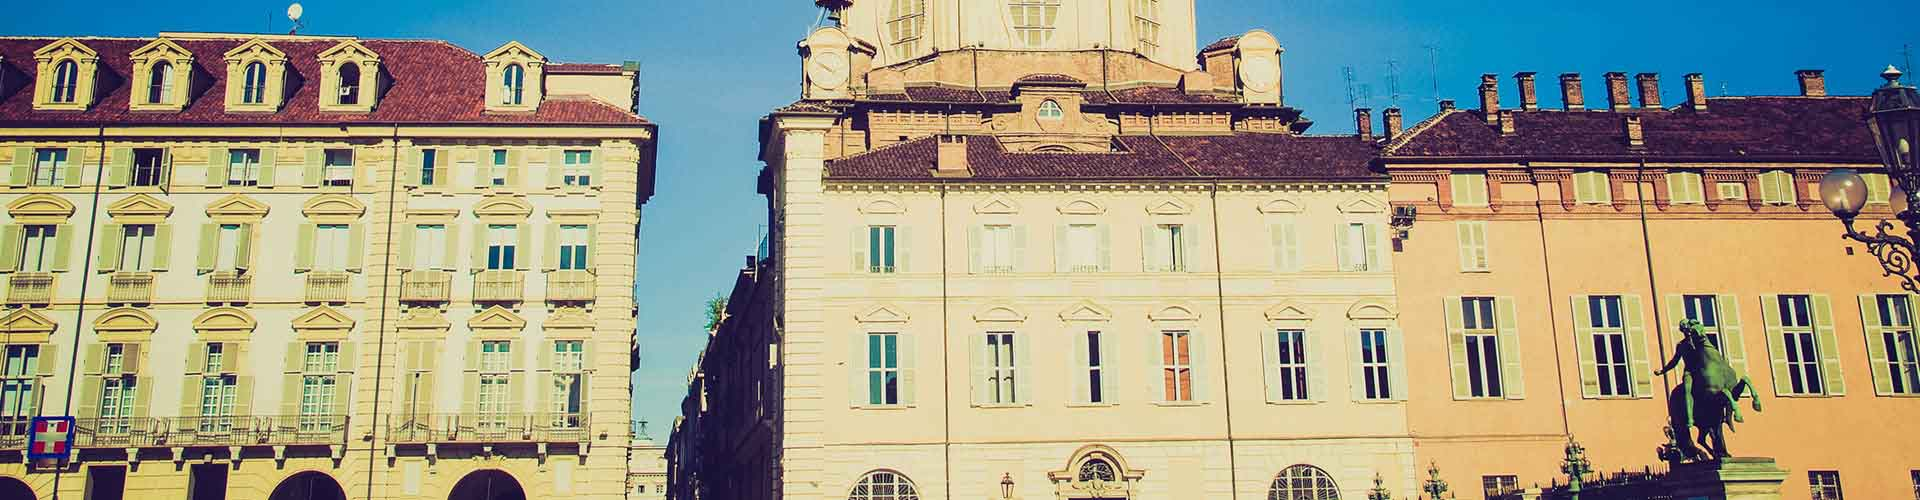 Nápoles - Campamentos en el distrito San Lorenzo. Mapas de Nápoles, Fotos y comentarios de cada Campamento en Nápoles.